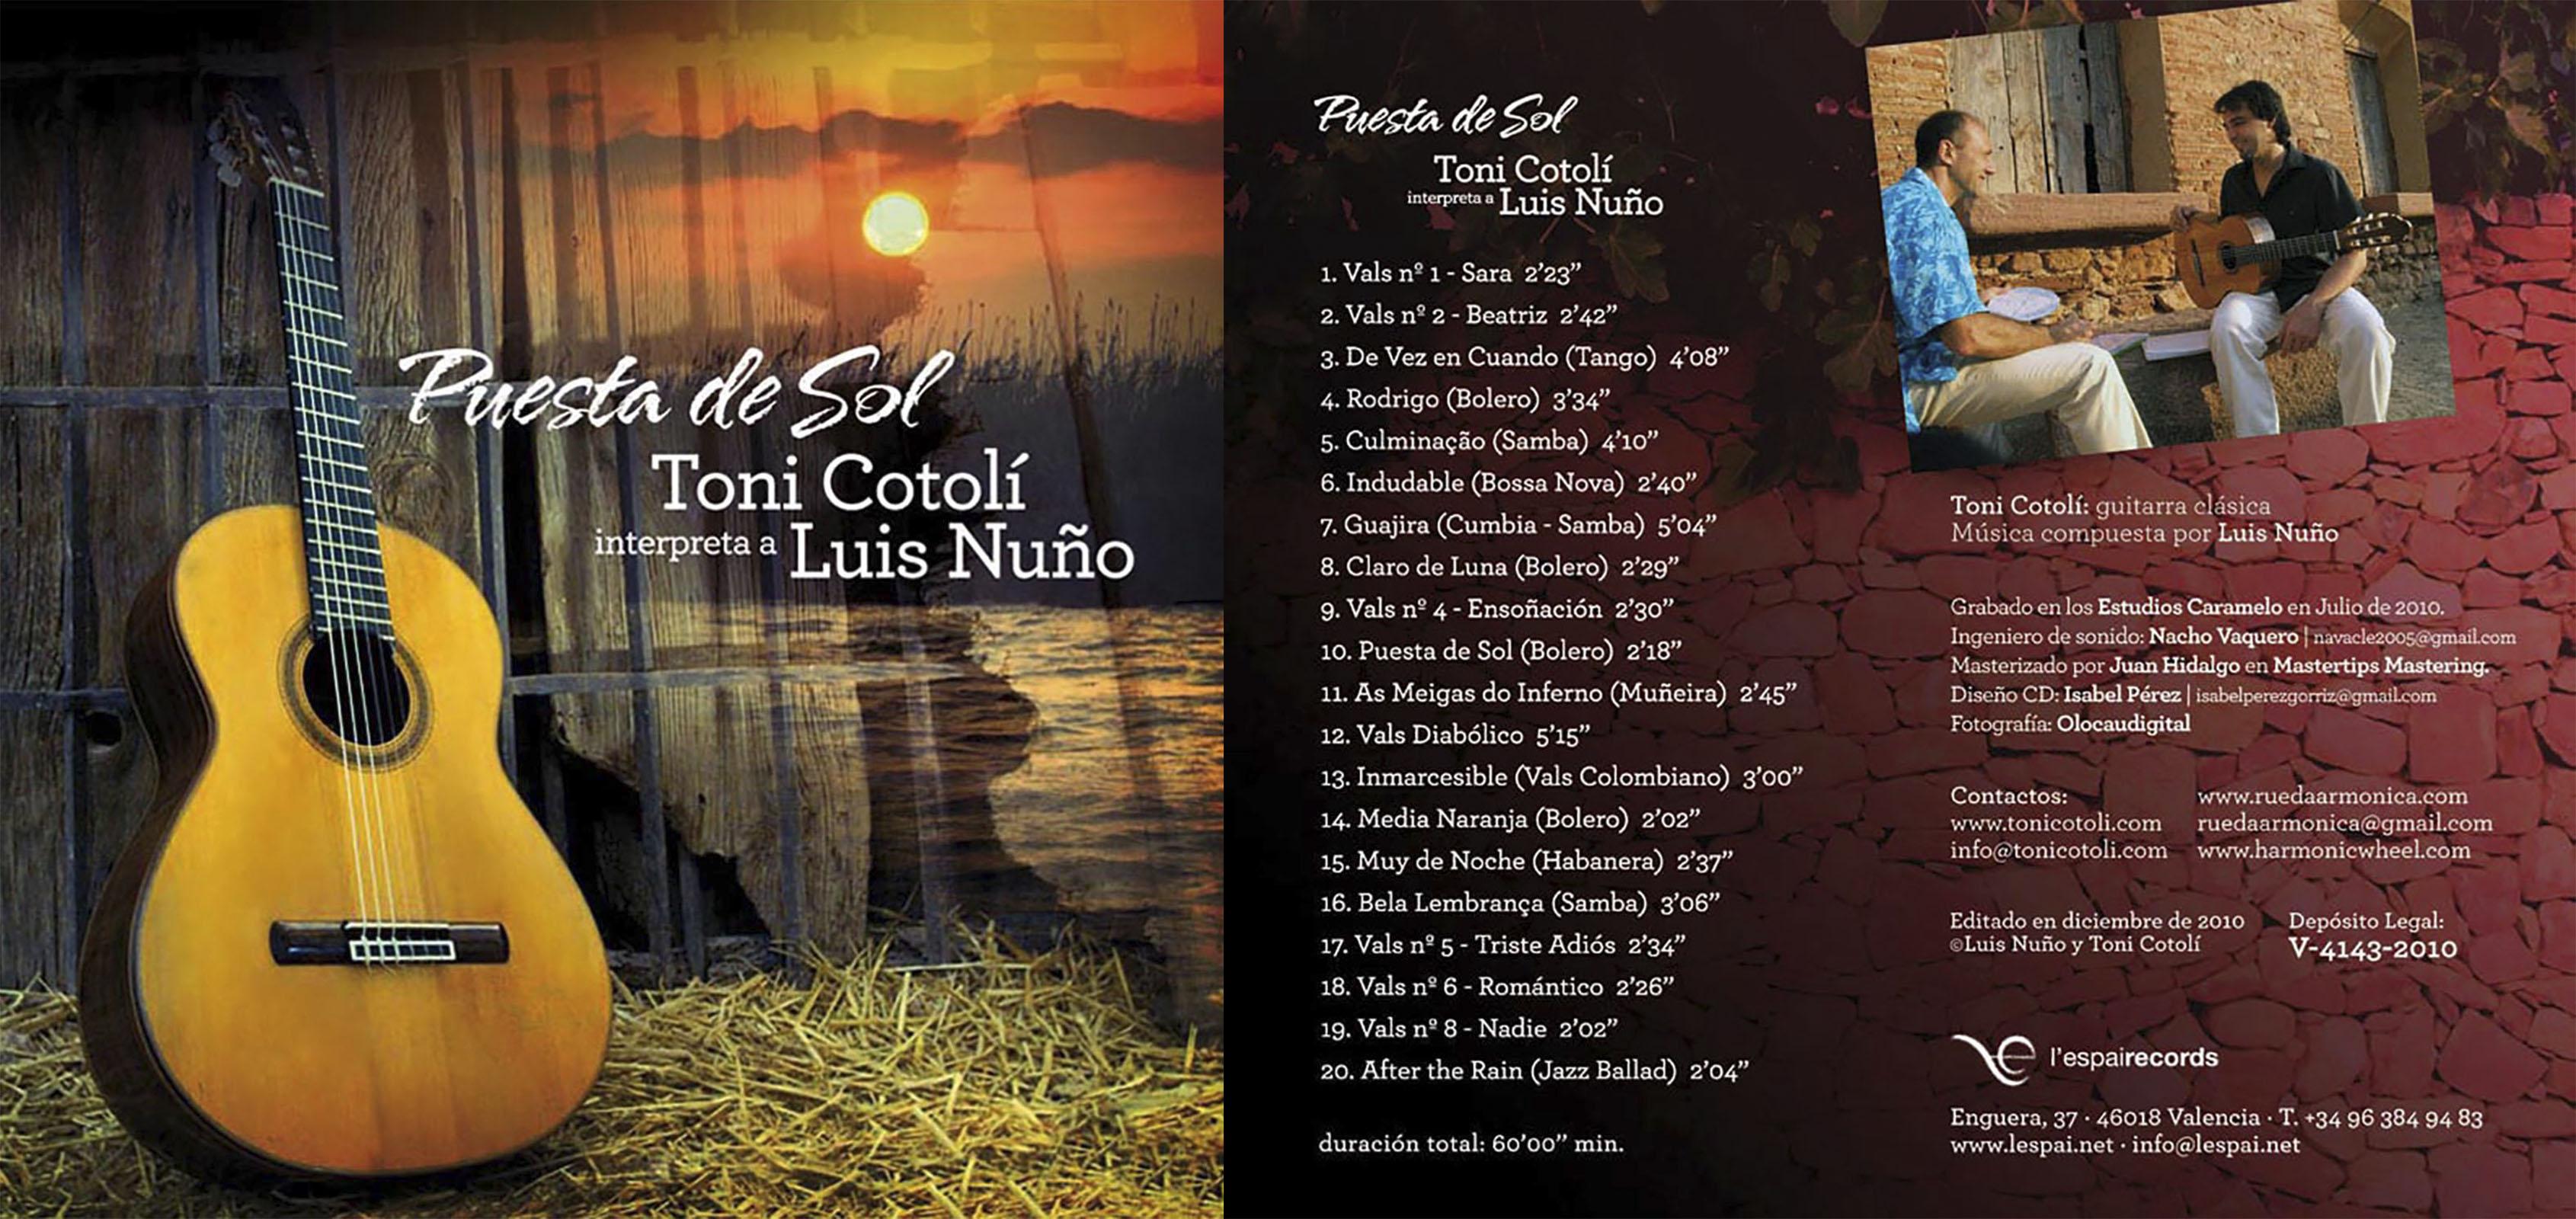 """El Concertista de guitarra Toni Cotolí nos presenta su tercer trabajo """"Puesta de Sol"""", donde estrena la obra del nuevo compositor valenciano Luis Nuño"""